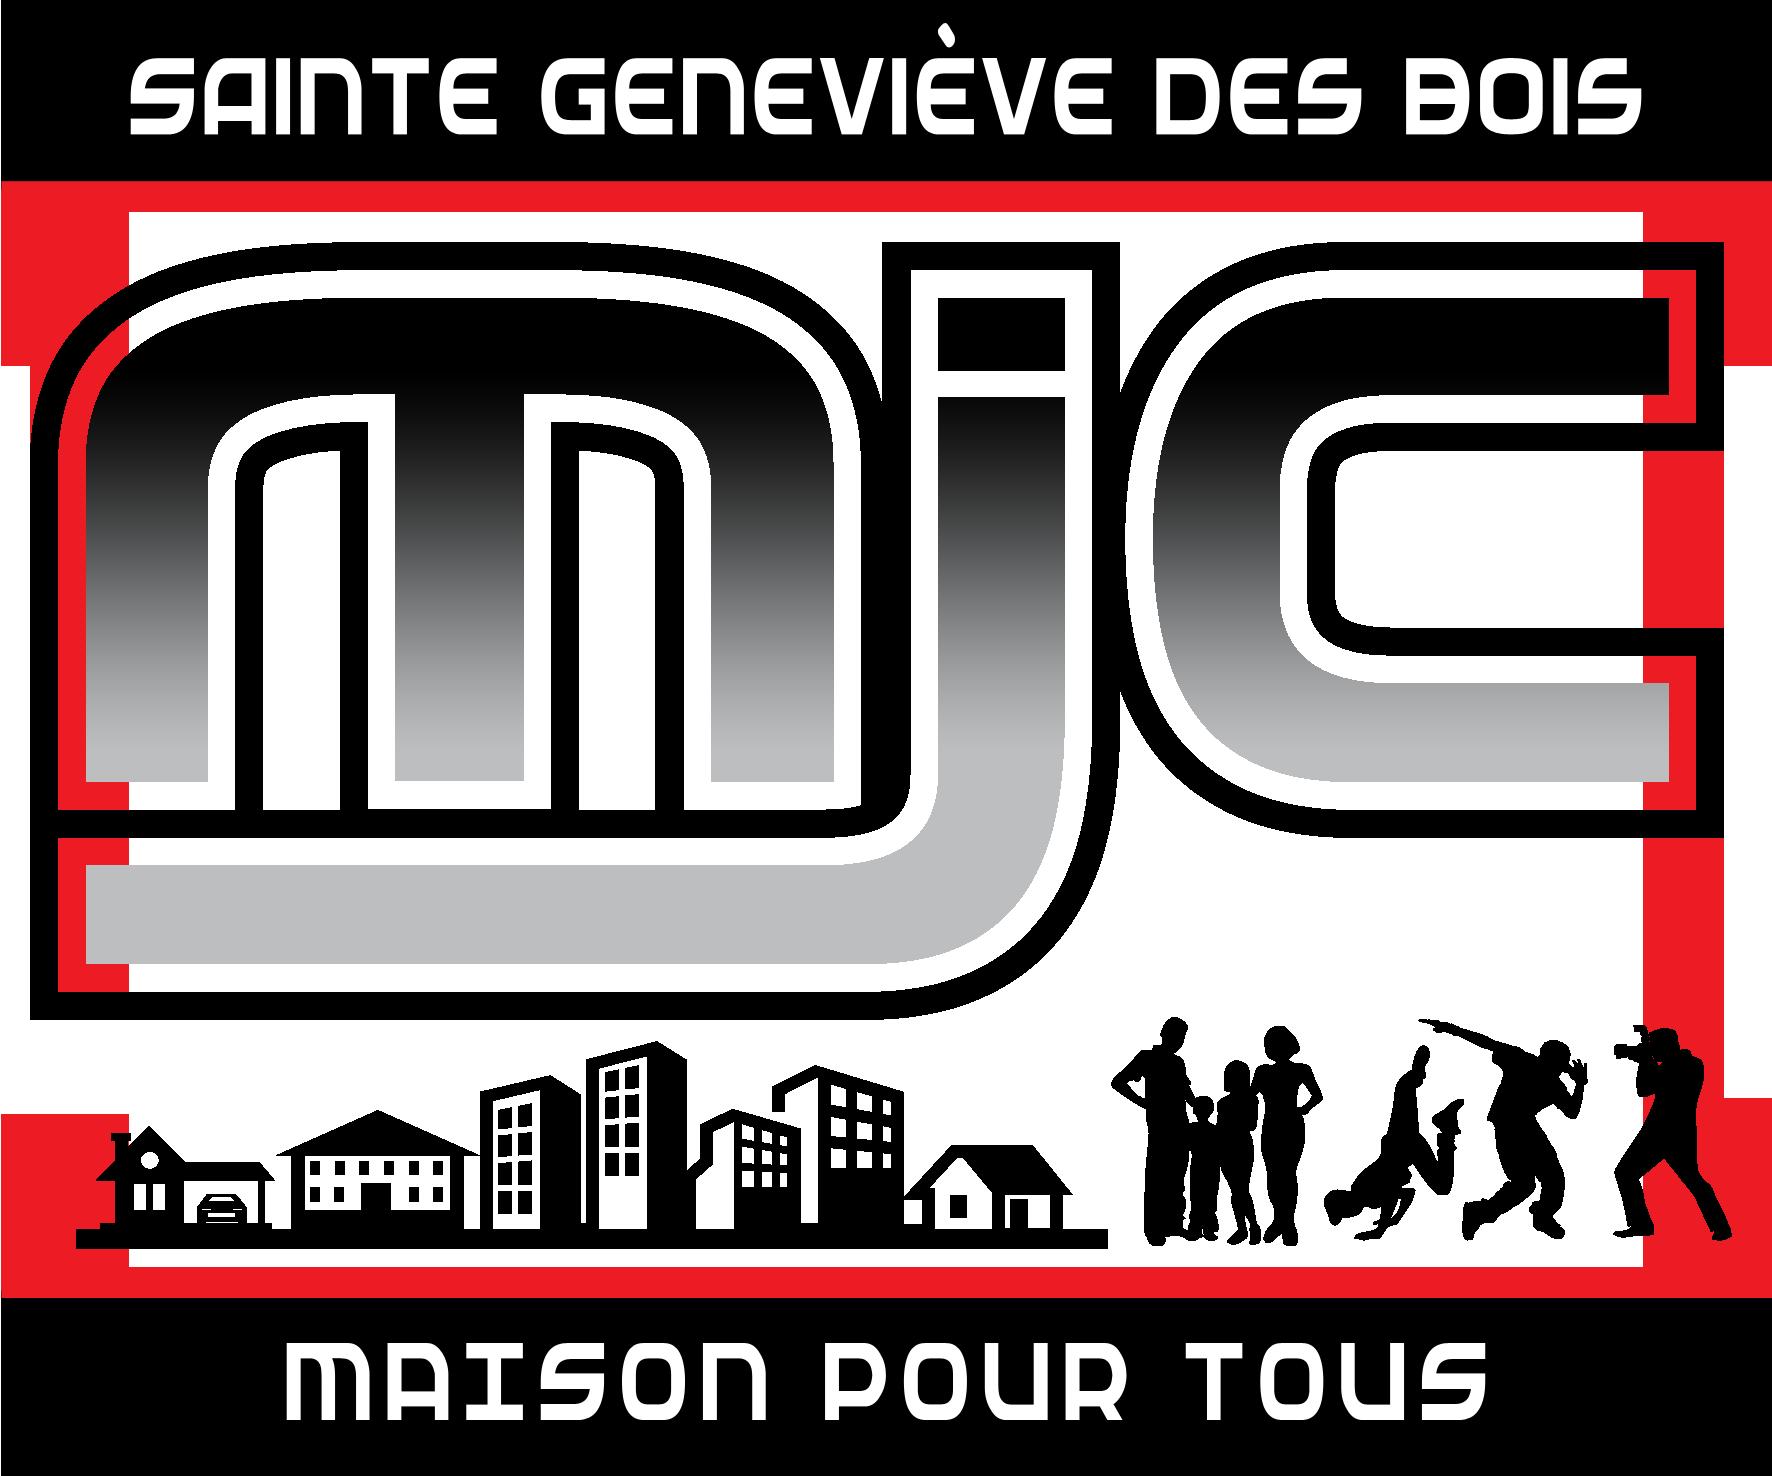 MJC de Ste Geneviève des Bois